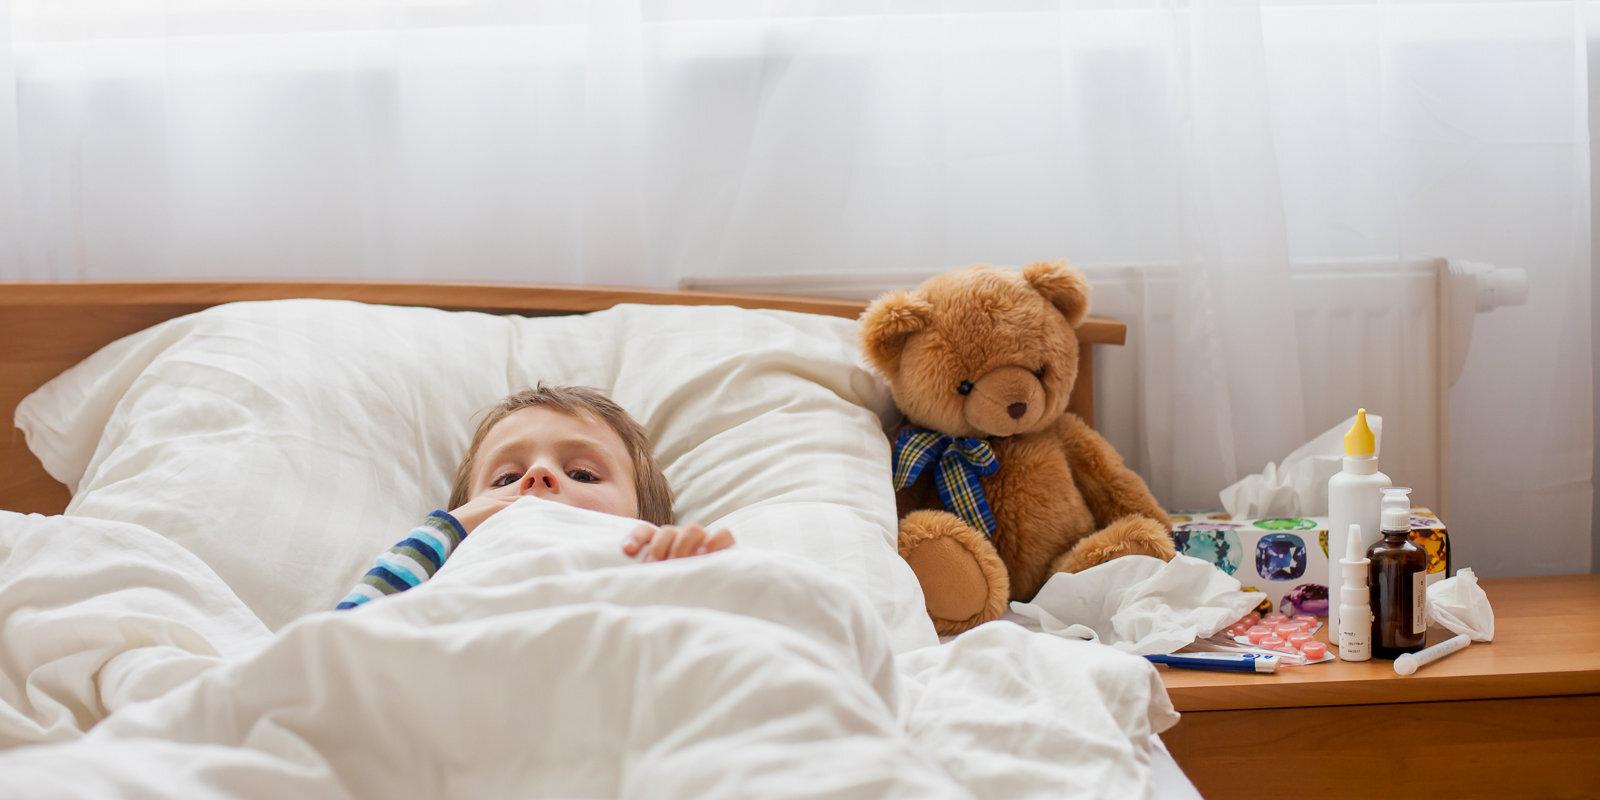 Bez slimošanas nav imunitātes? Kā izolēšanās ietekmējusi spēju atvairīt vīrusus